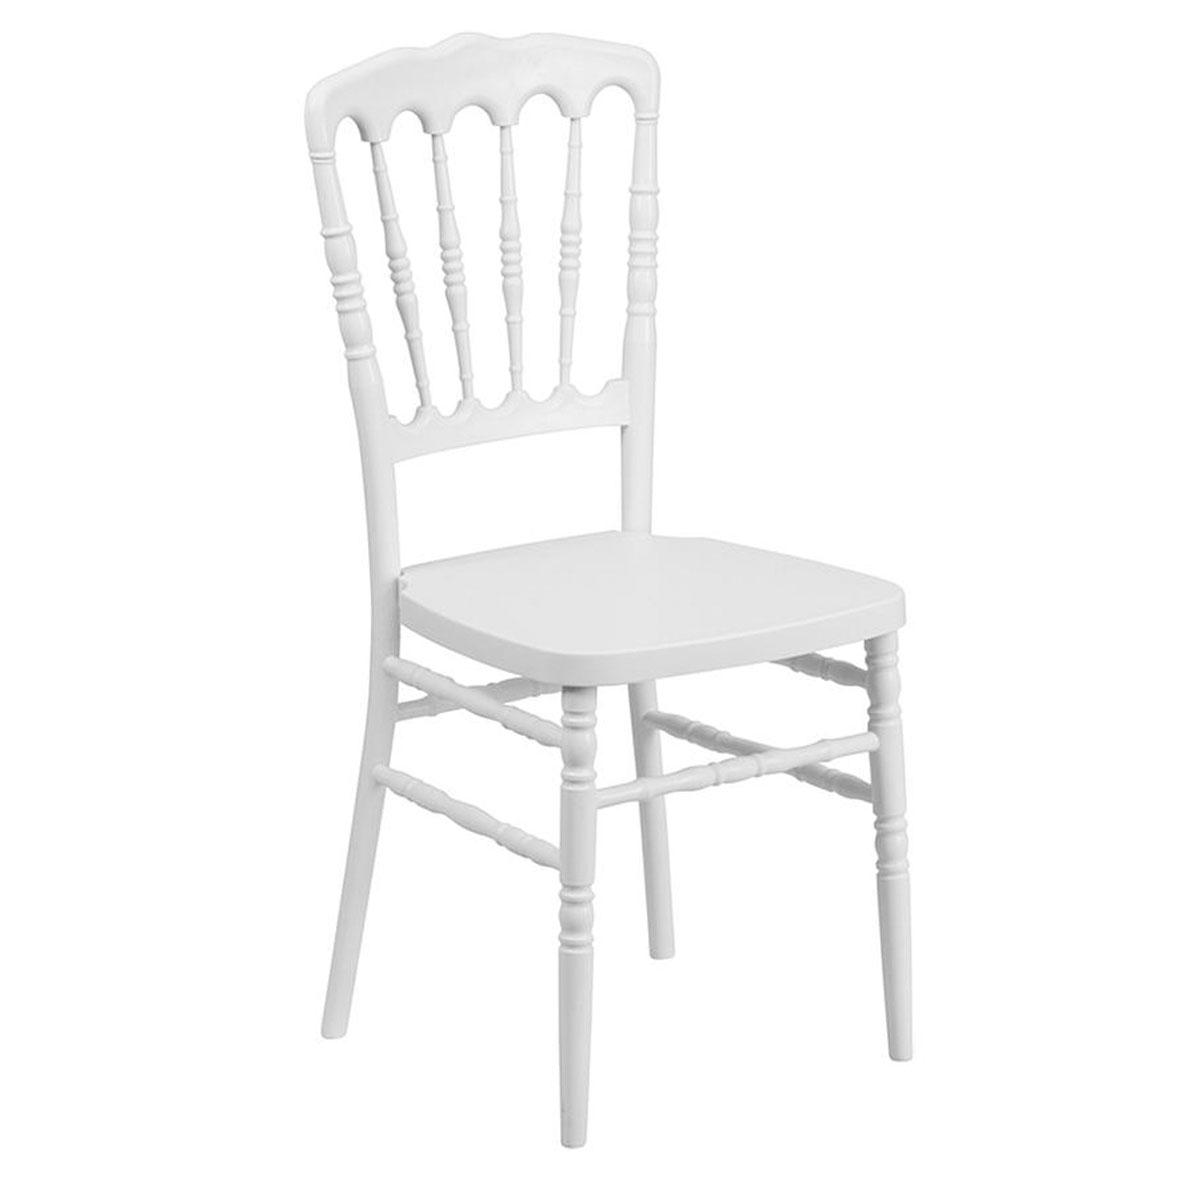 chaise napol on polycarbonate location de mobilier de r ception. Black Bedroom Furniture Sets. Home Design Ideas